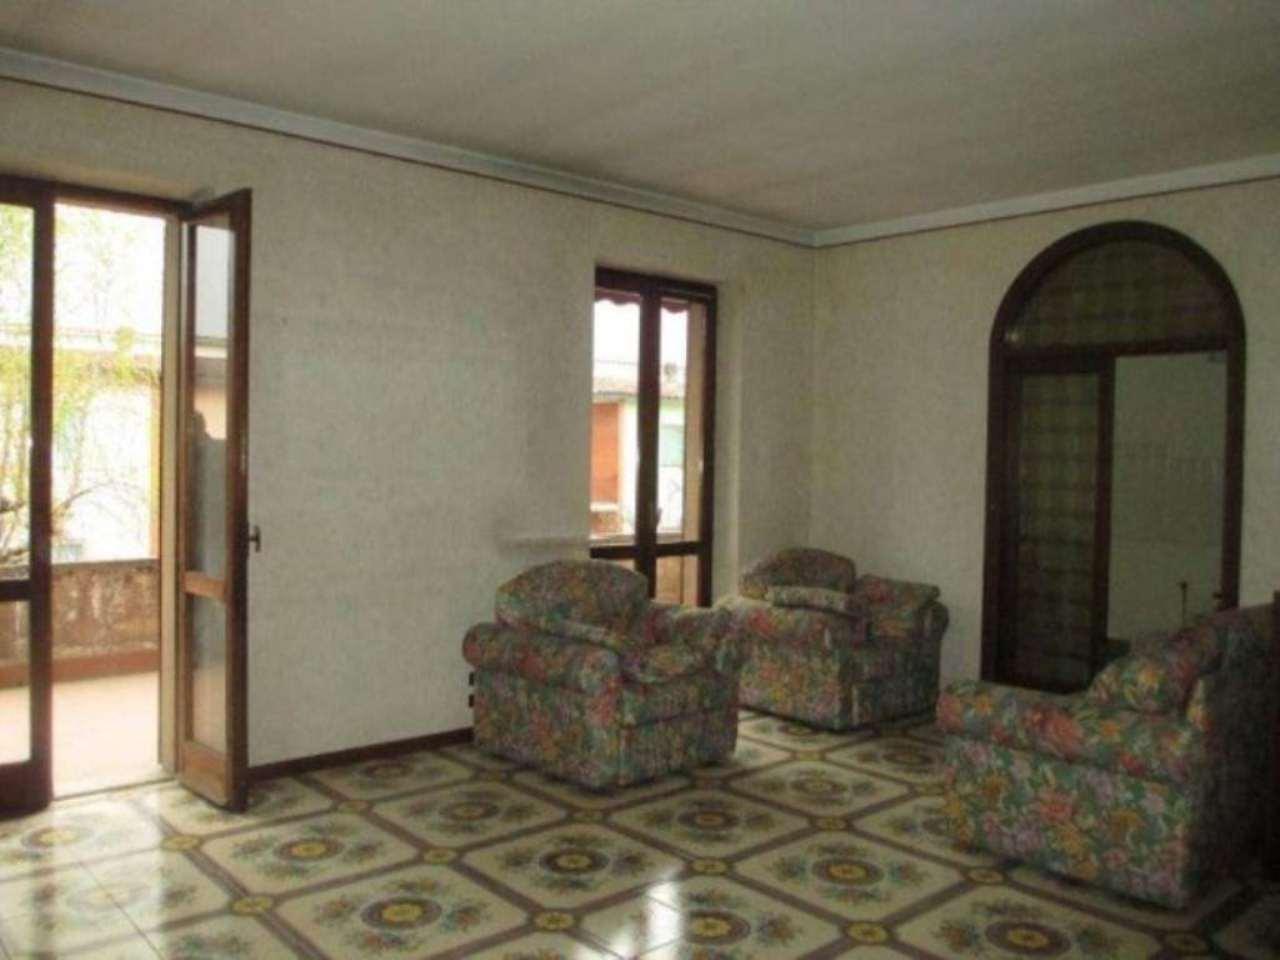 Appartamento in vendita a Trigolo, 2 locali, prezzo € 47.000 | CambioCasa.it